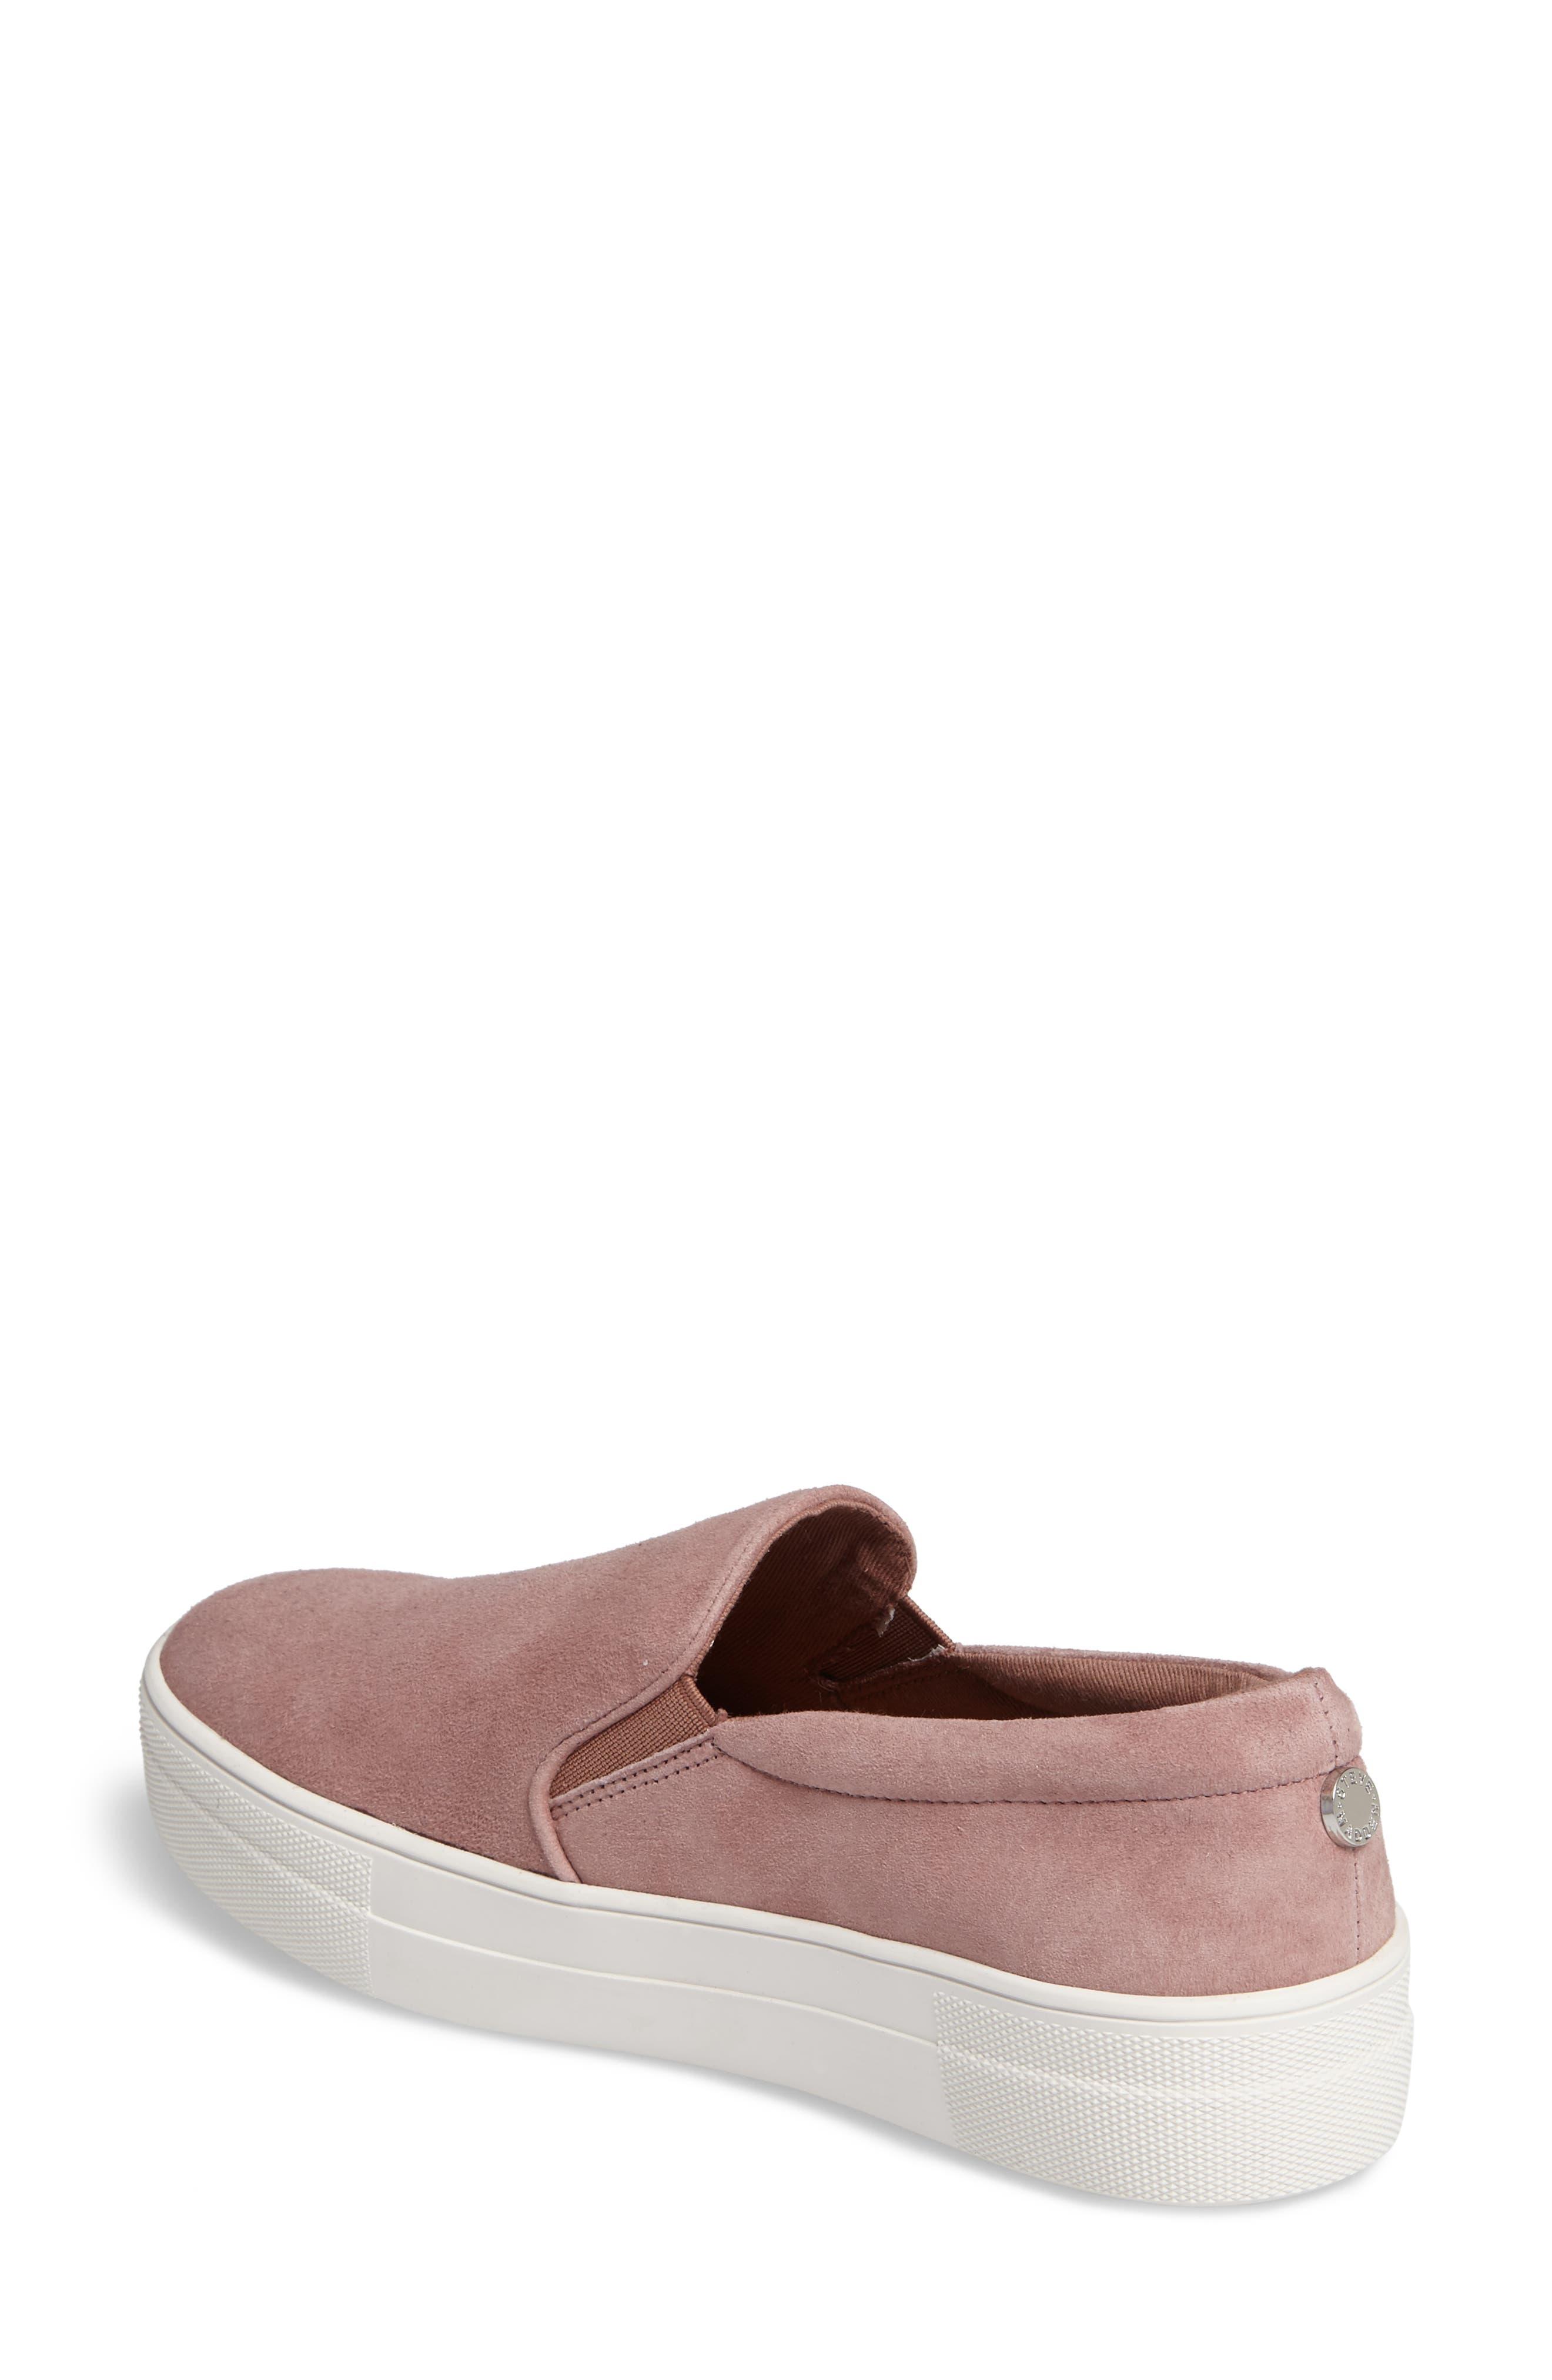 Alternate Image 2  - Steve Madden Gills Platform Slip-On Sneaker (Women)